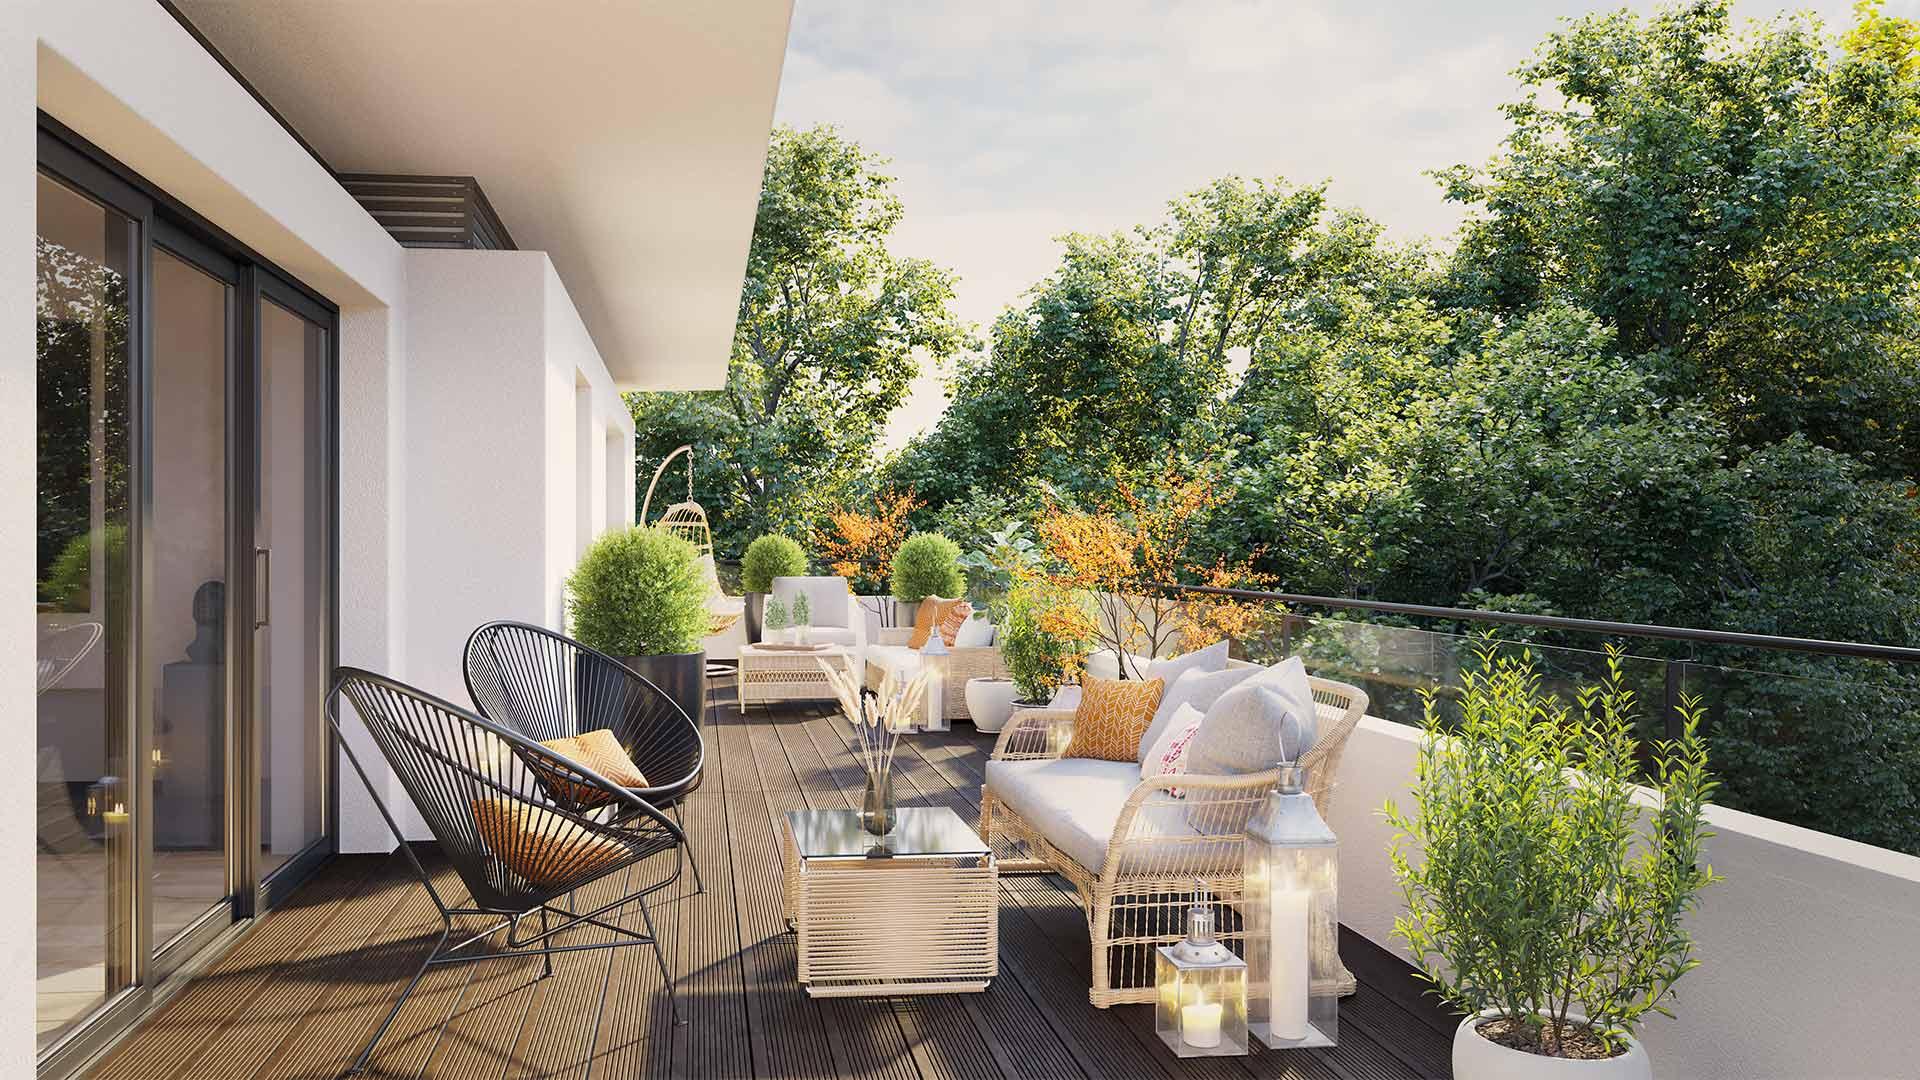 PARK-AVENUE_7_Raum_Visionen_Immobilien_marketing